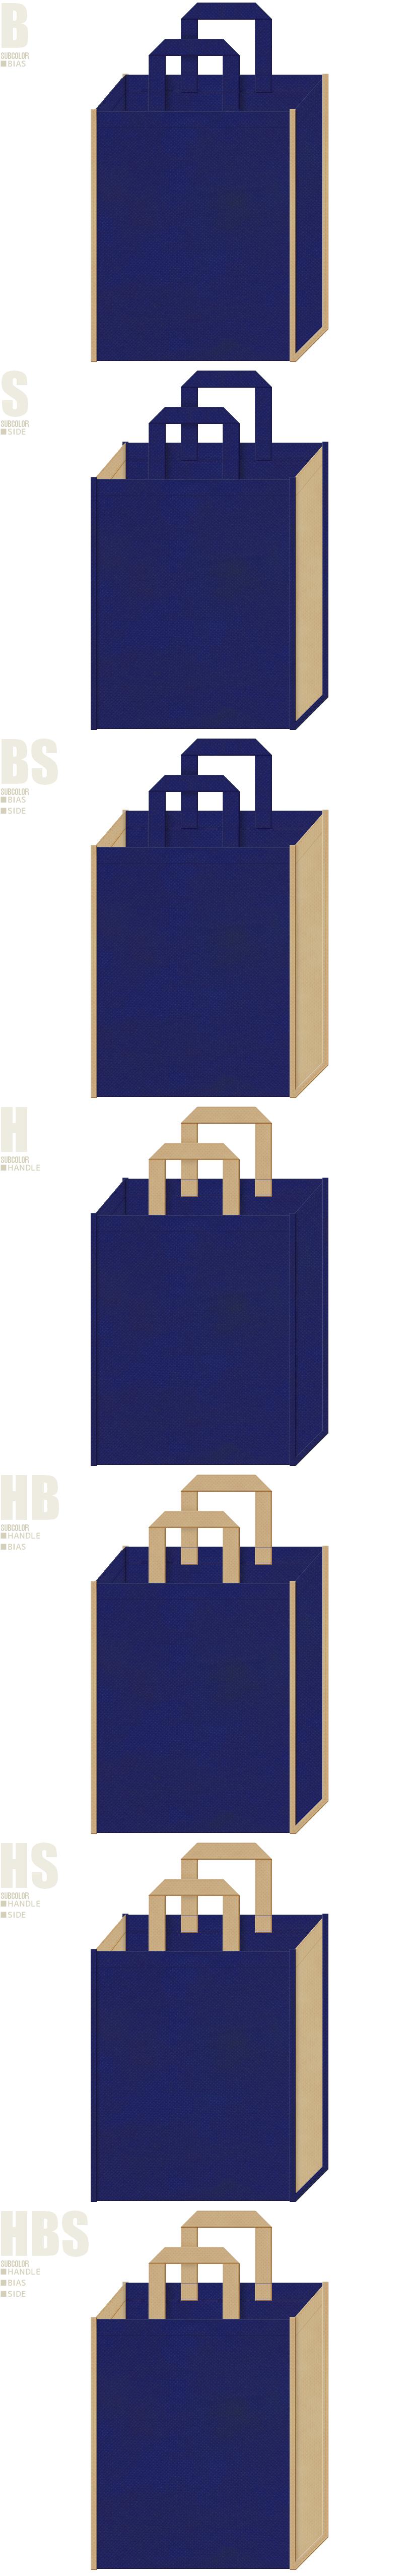 不織布バッグのデザイン:明るい紺色とカーキ色の配色7パターン